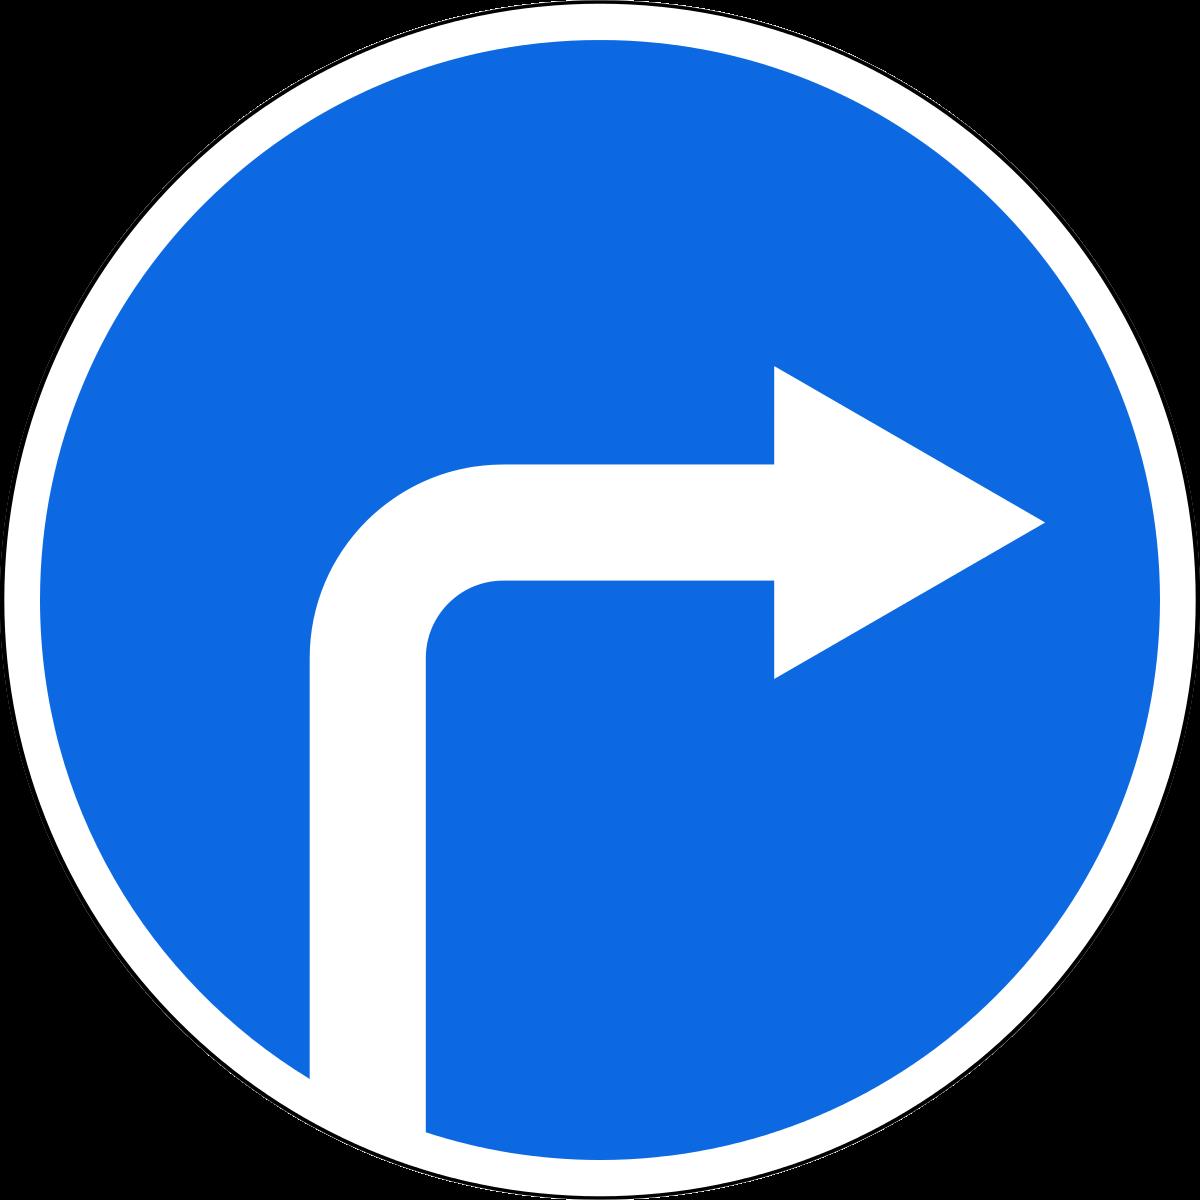 Знак 4.1.2 Оңға жүру/ Движение направо